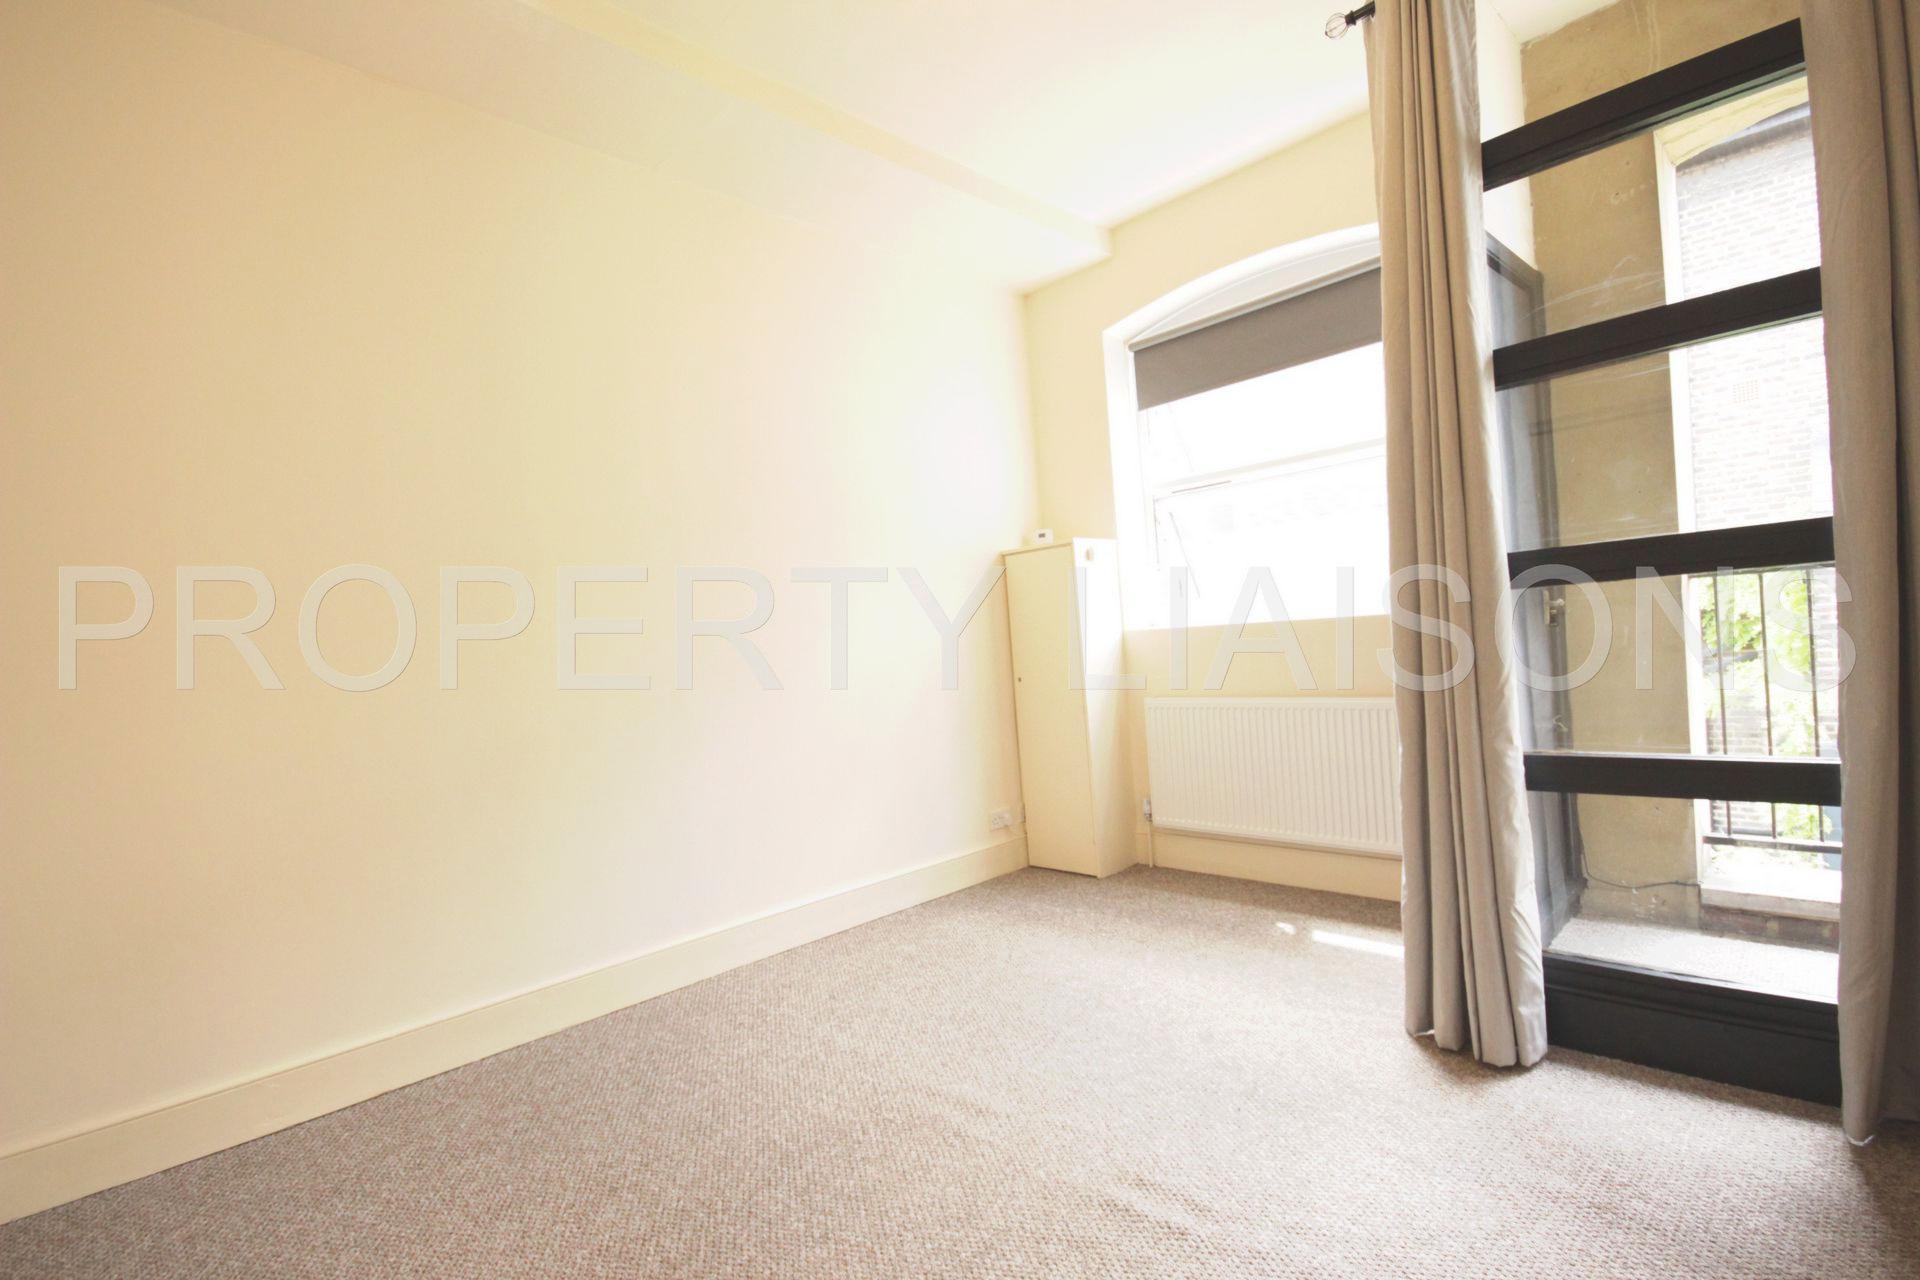 Bedroom 2nd Angle